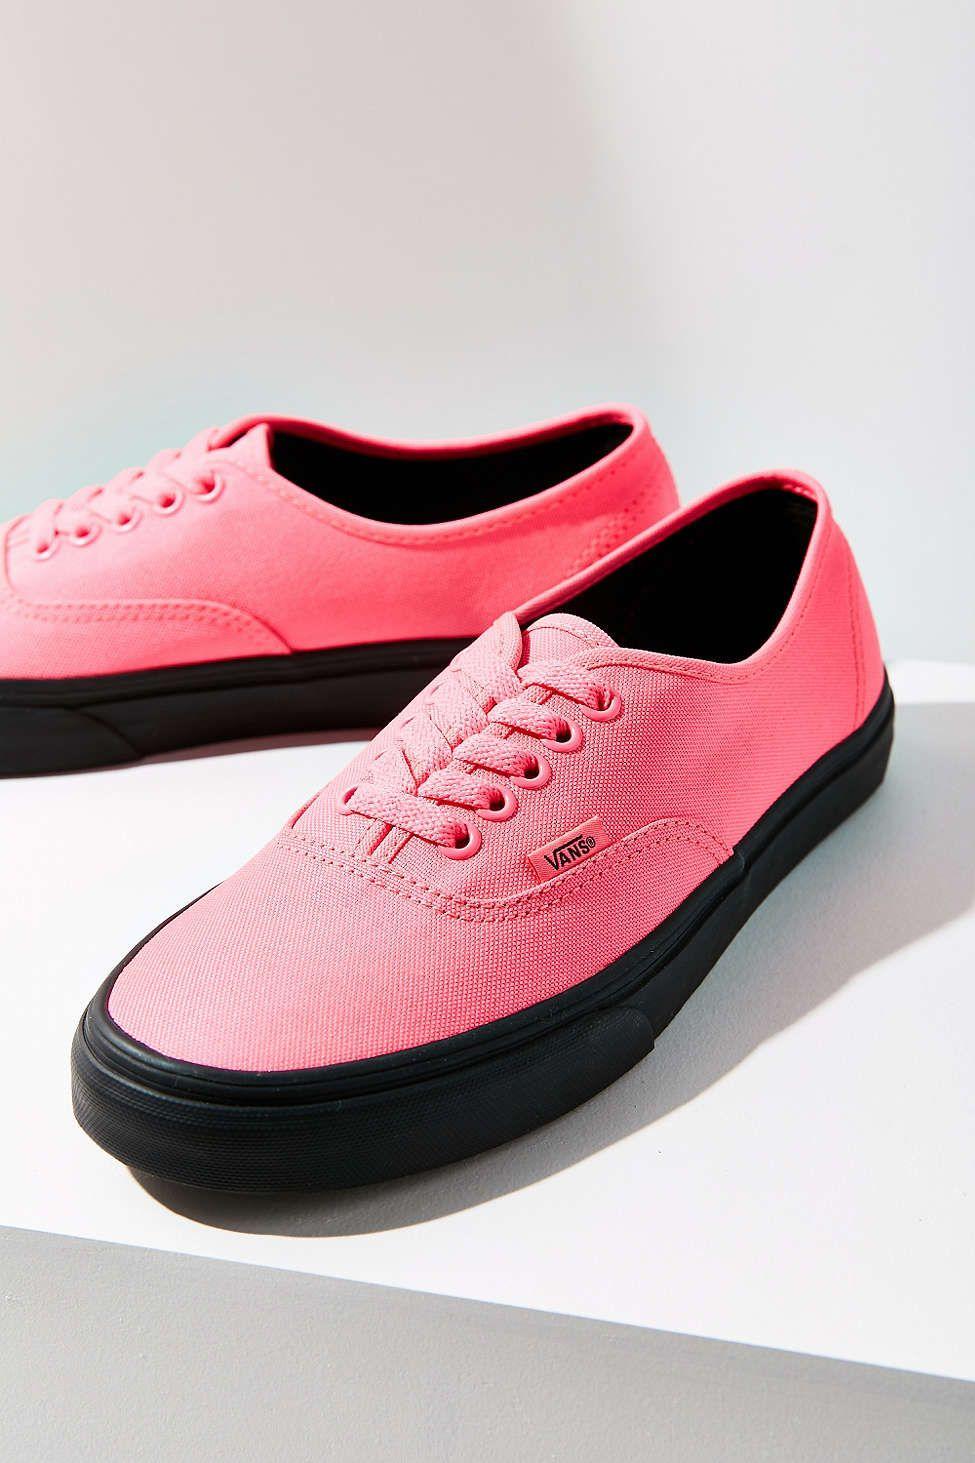 3f88c675d73732 Vans Black Sole Authentic Sneaker